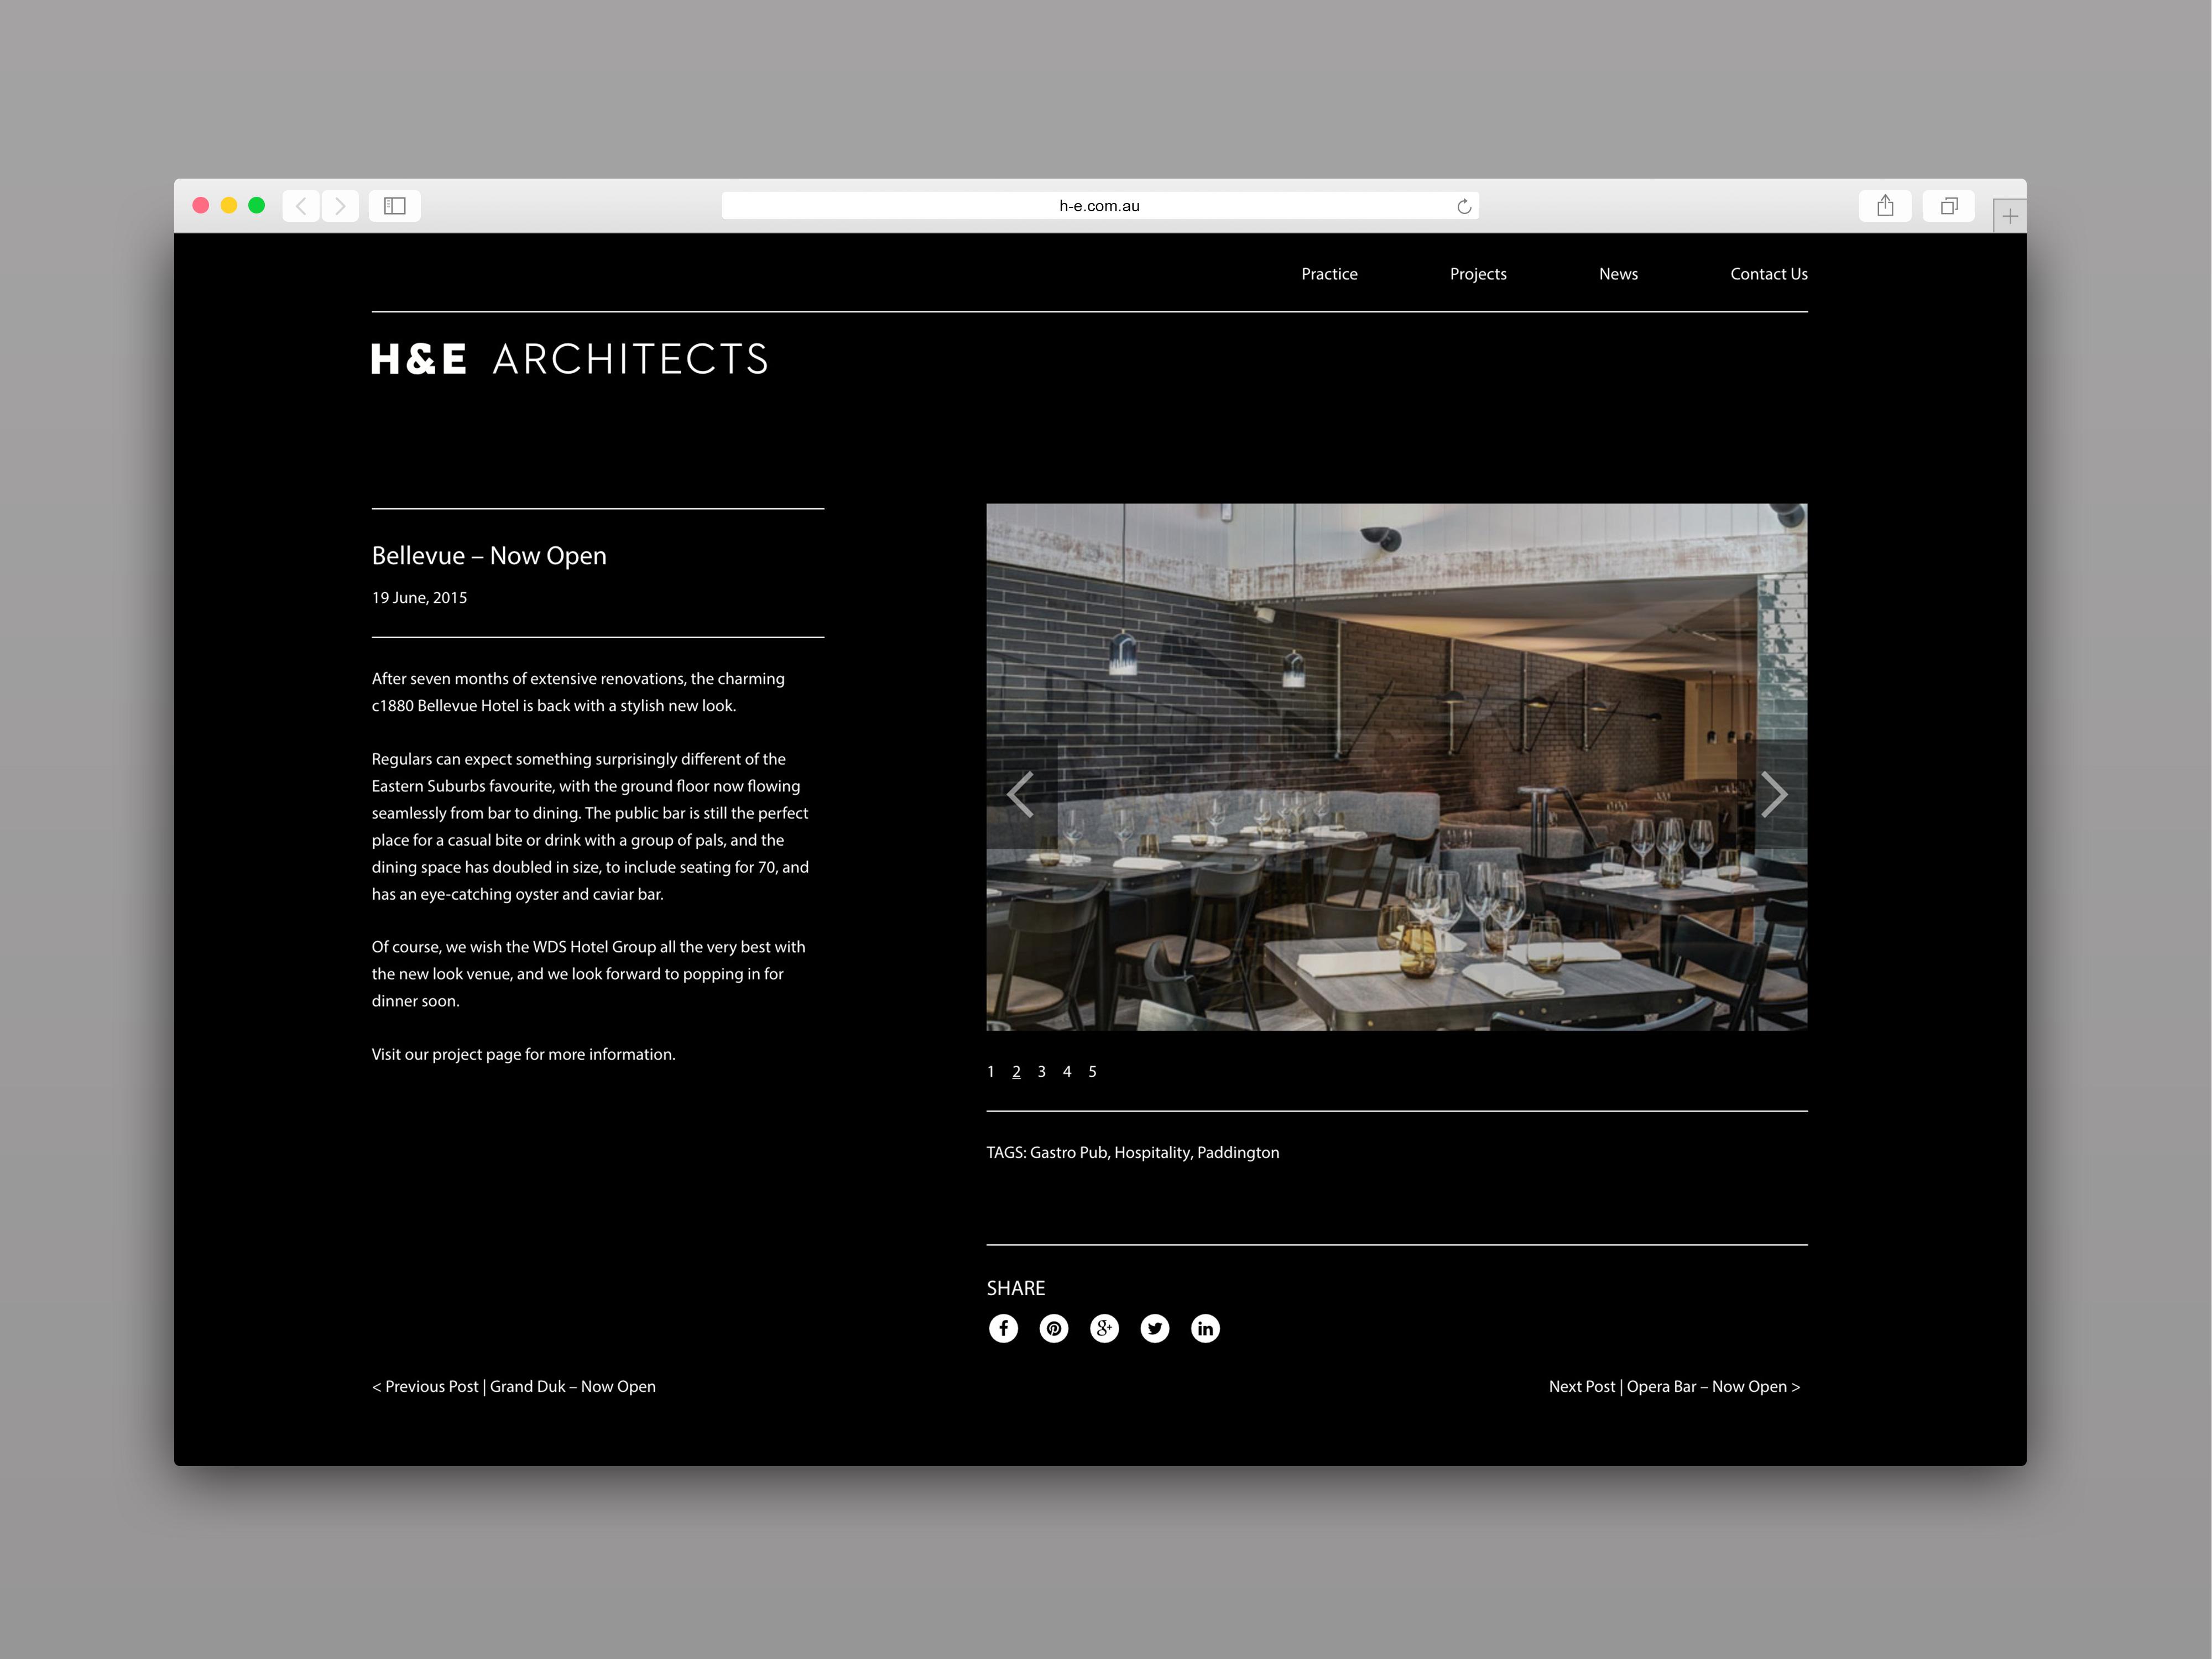 MAXCO_H&E_Web_1